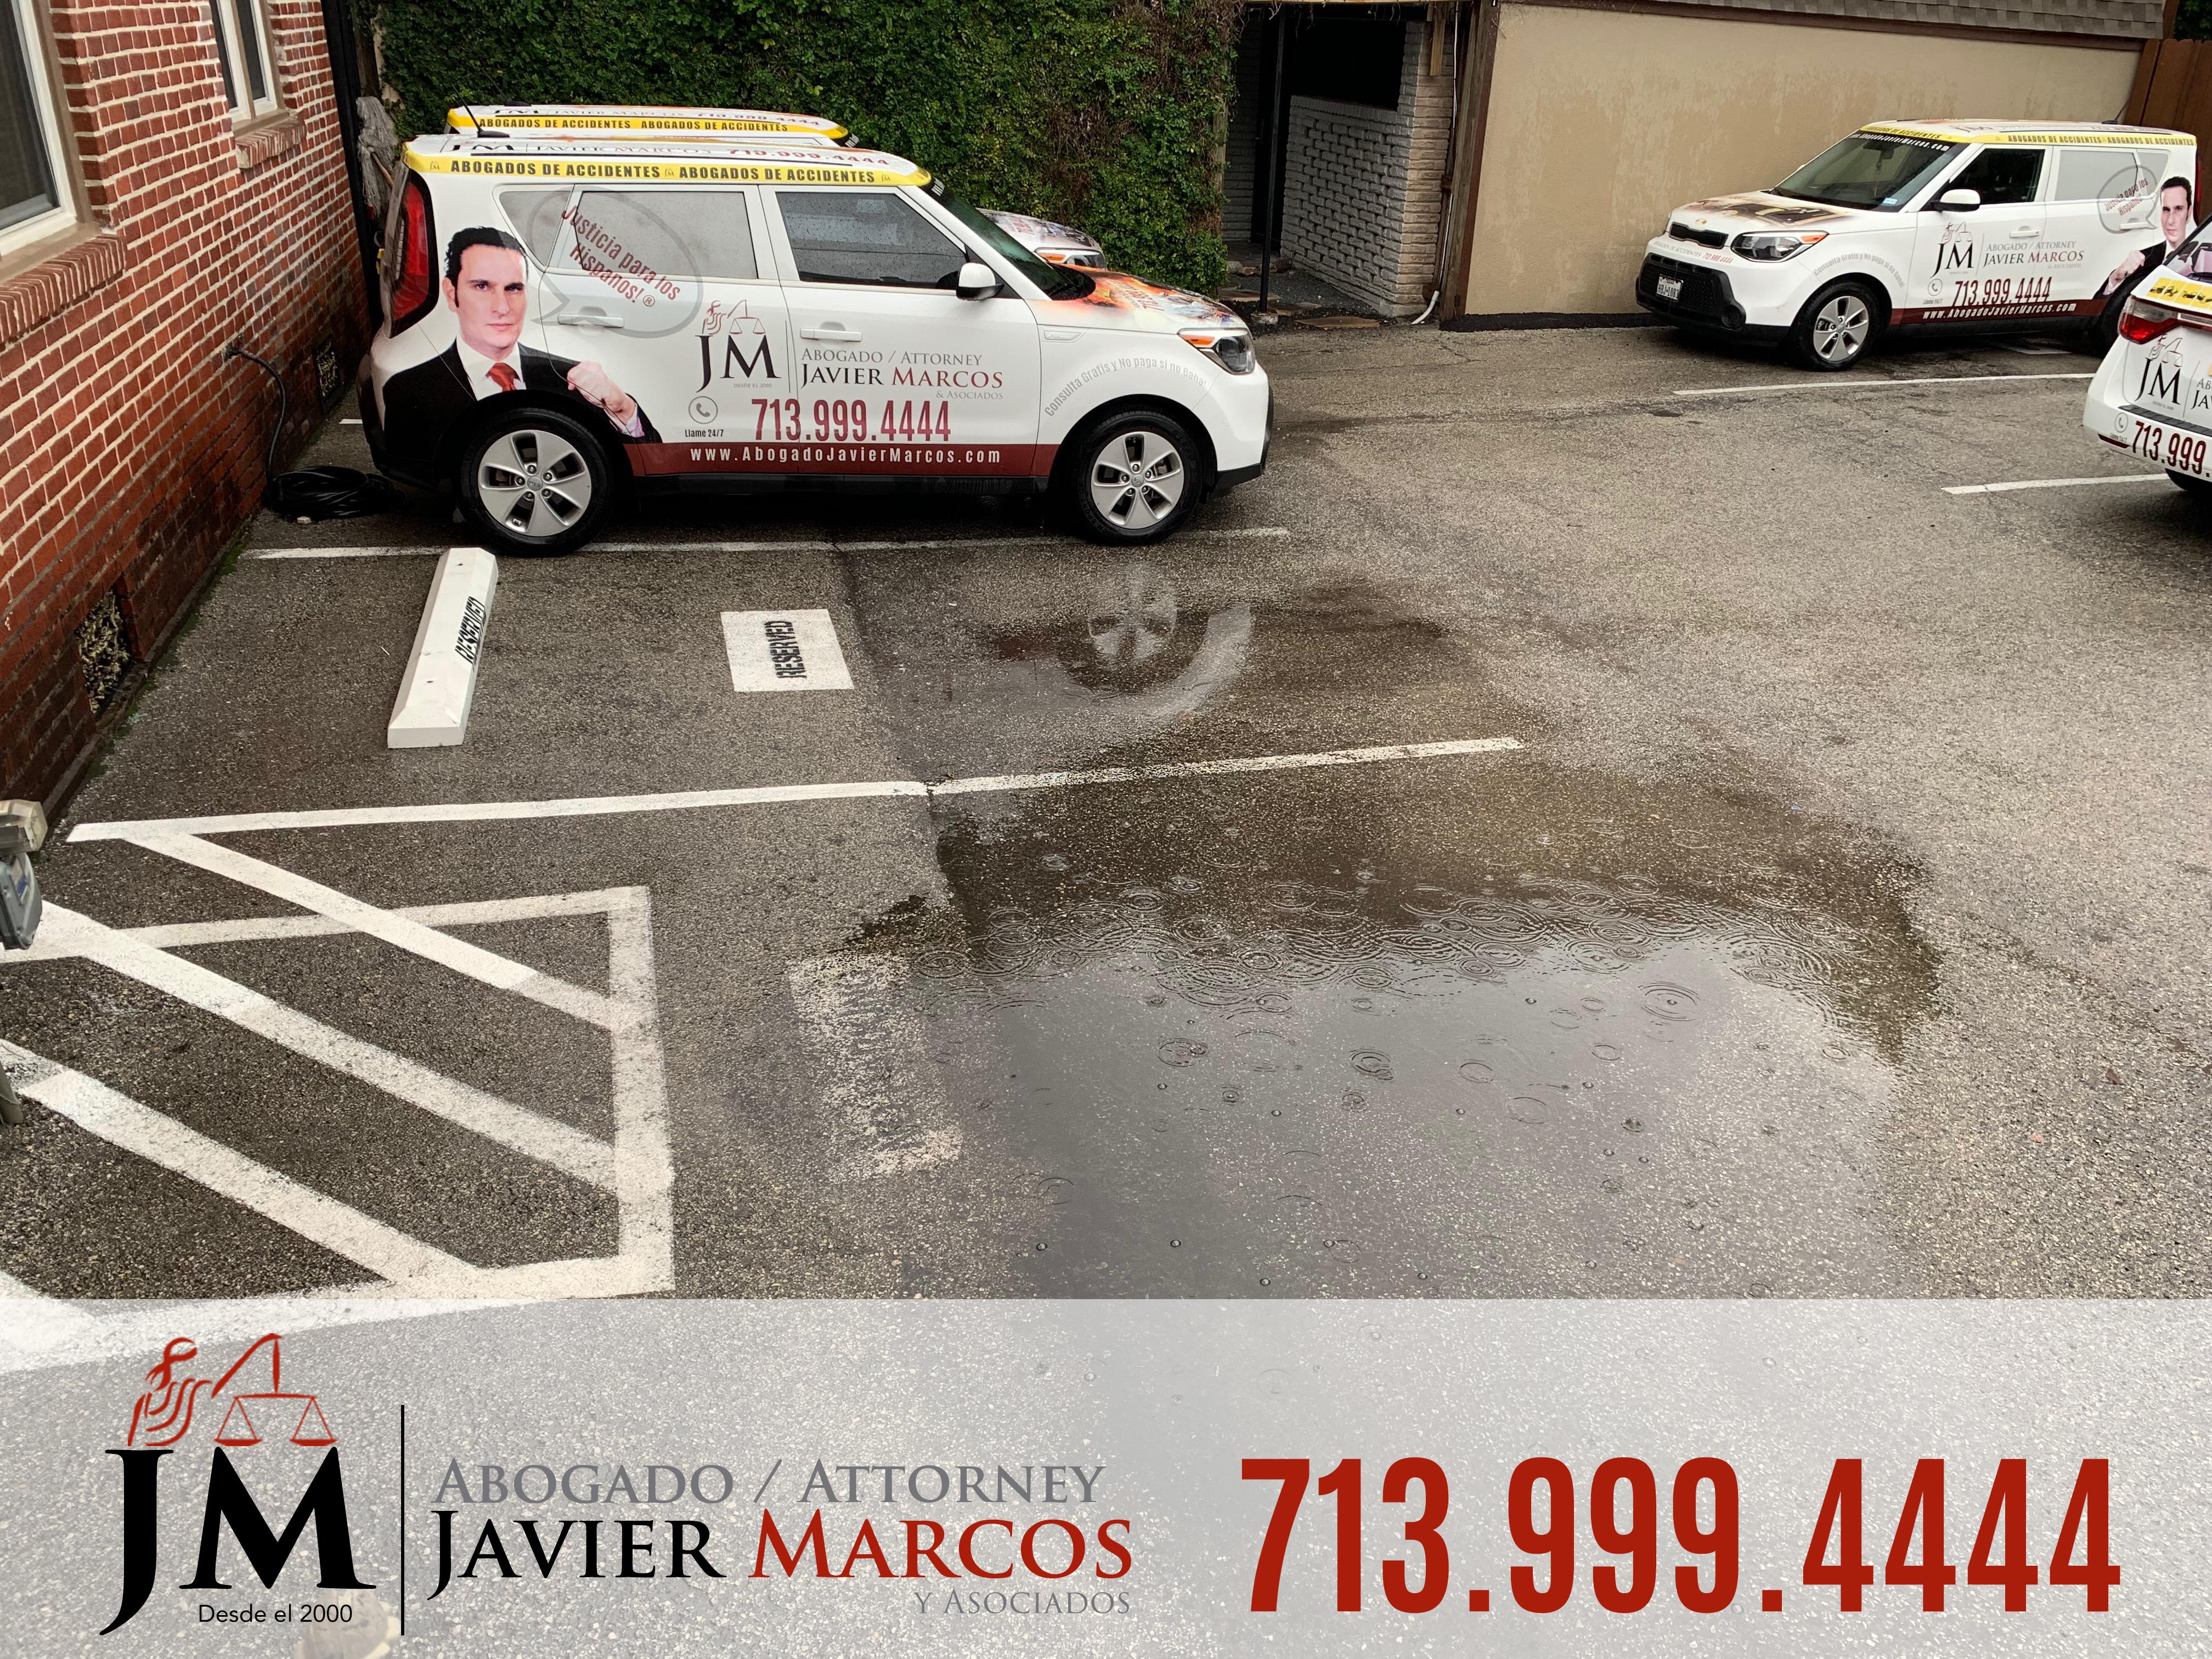 Conducir en Calles Inundadas | Abogado Javier Marcos | 713.999.4444